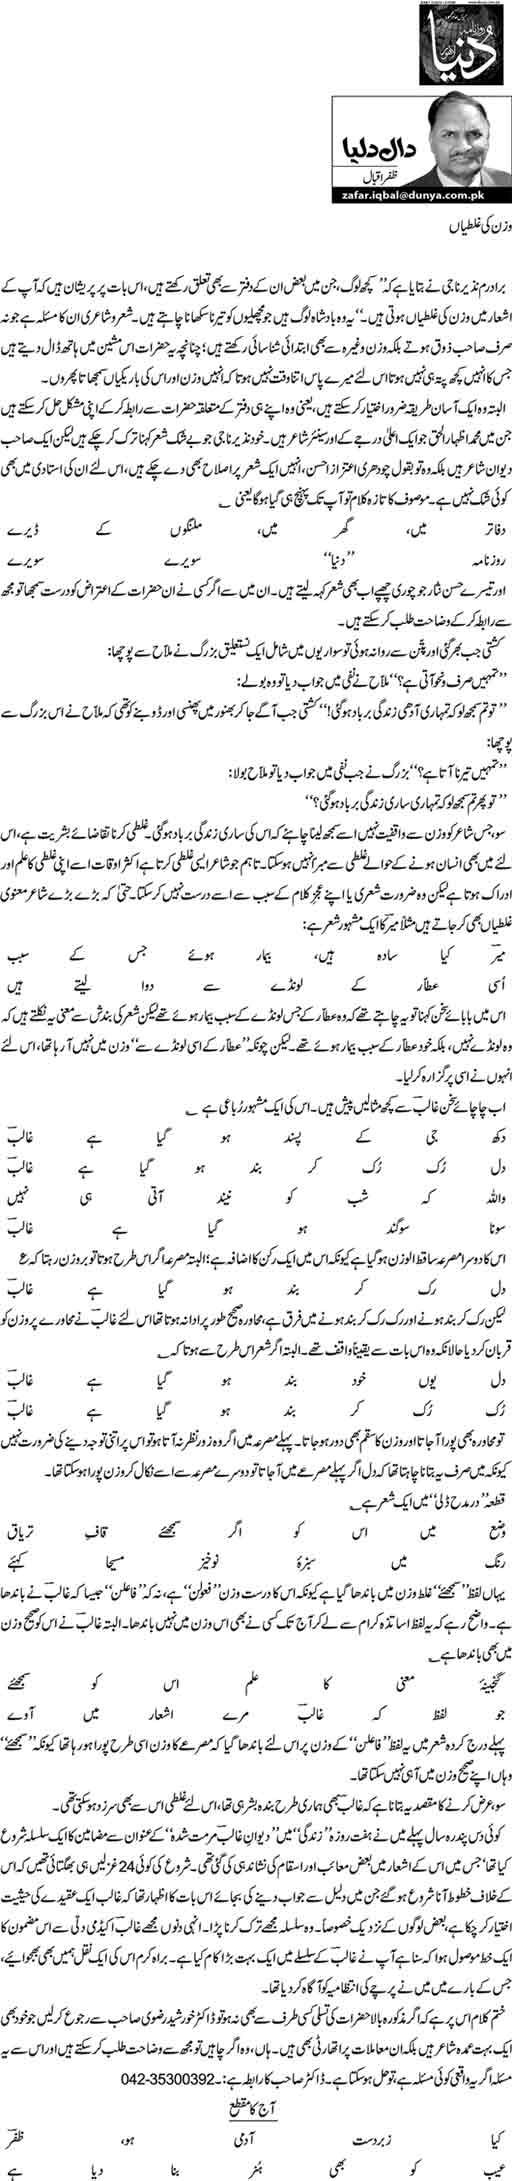 Wazan ki ghaltiyyan - Zafar Iqbal